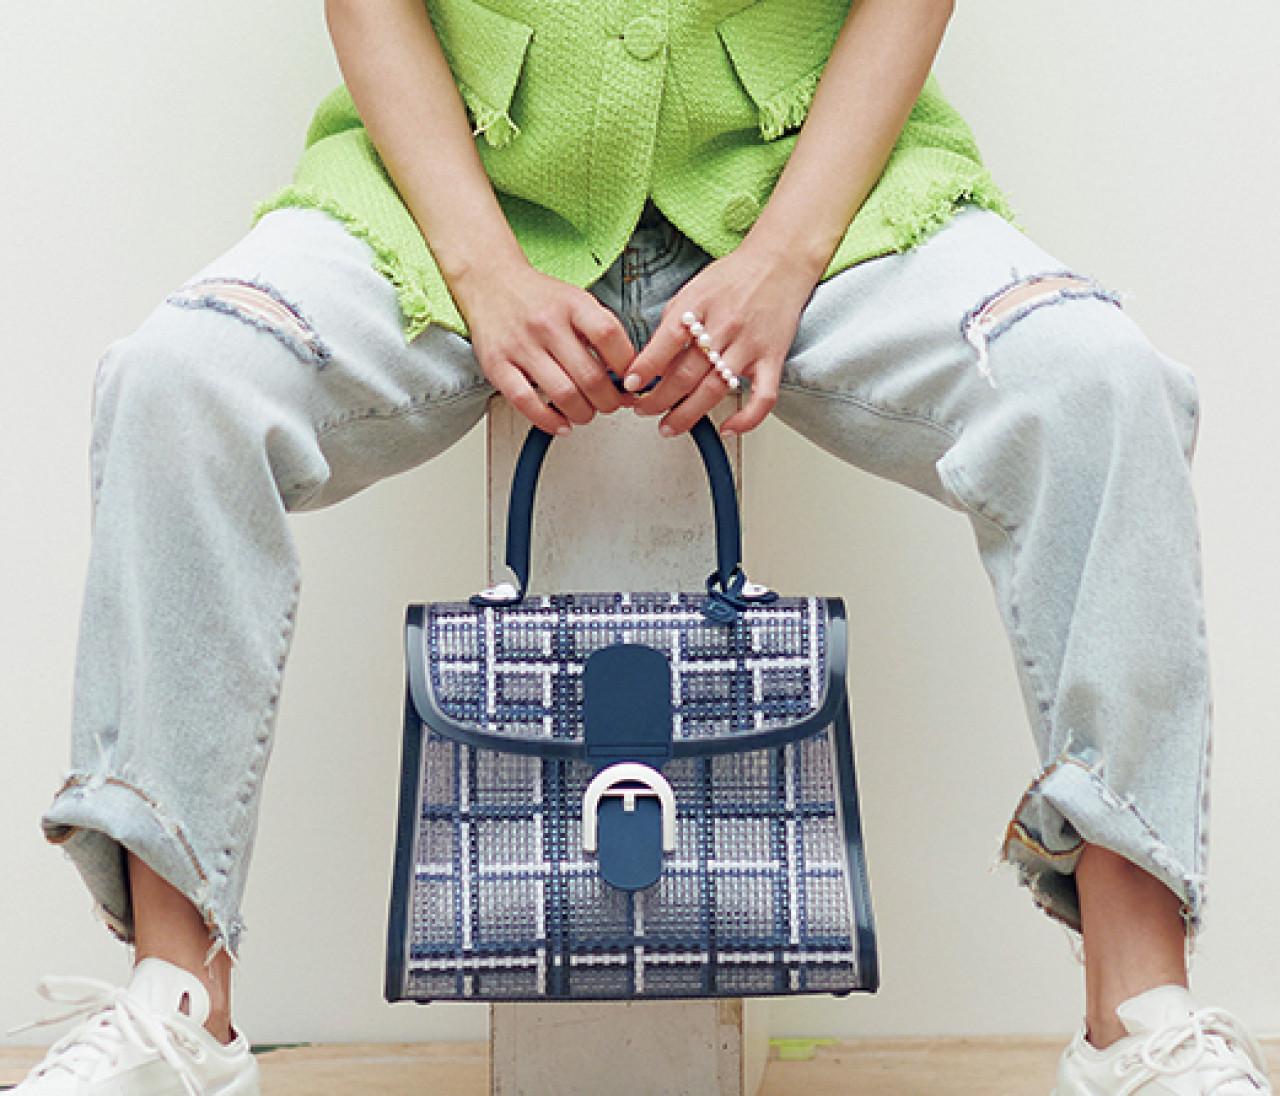 【中村アン】デルヴォーのPVCバッグが登場。チェック柄で軽やかに